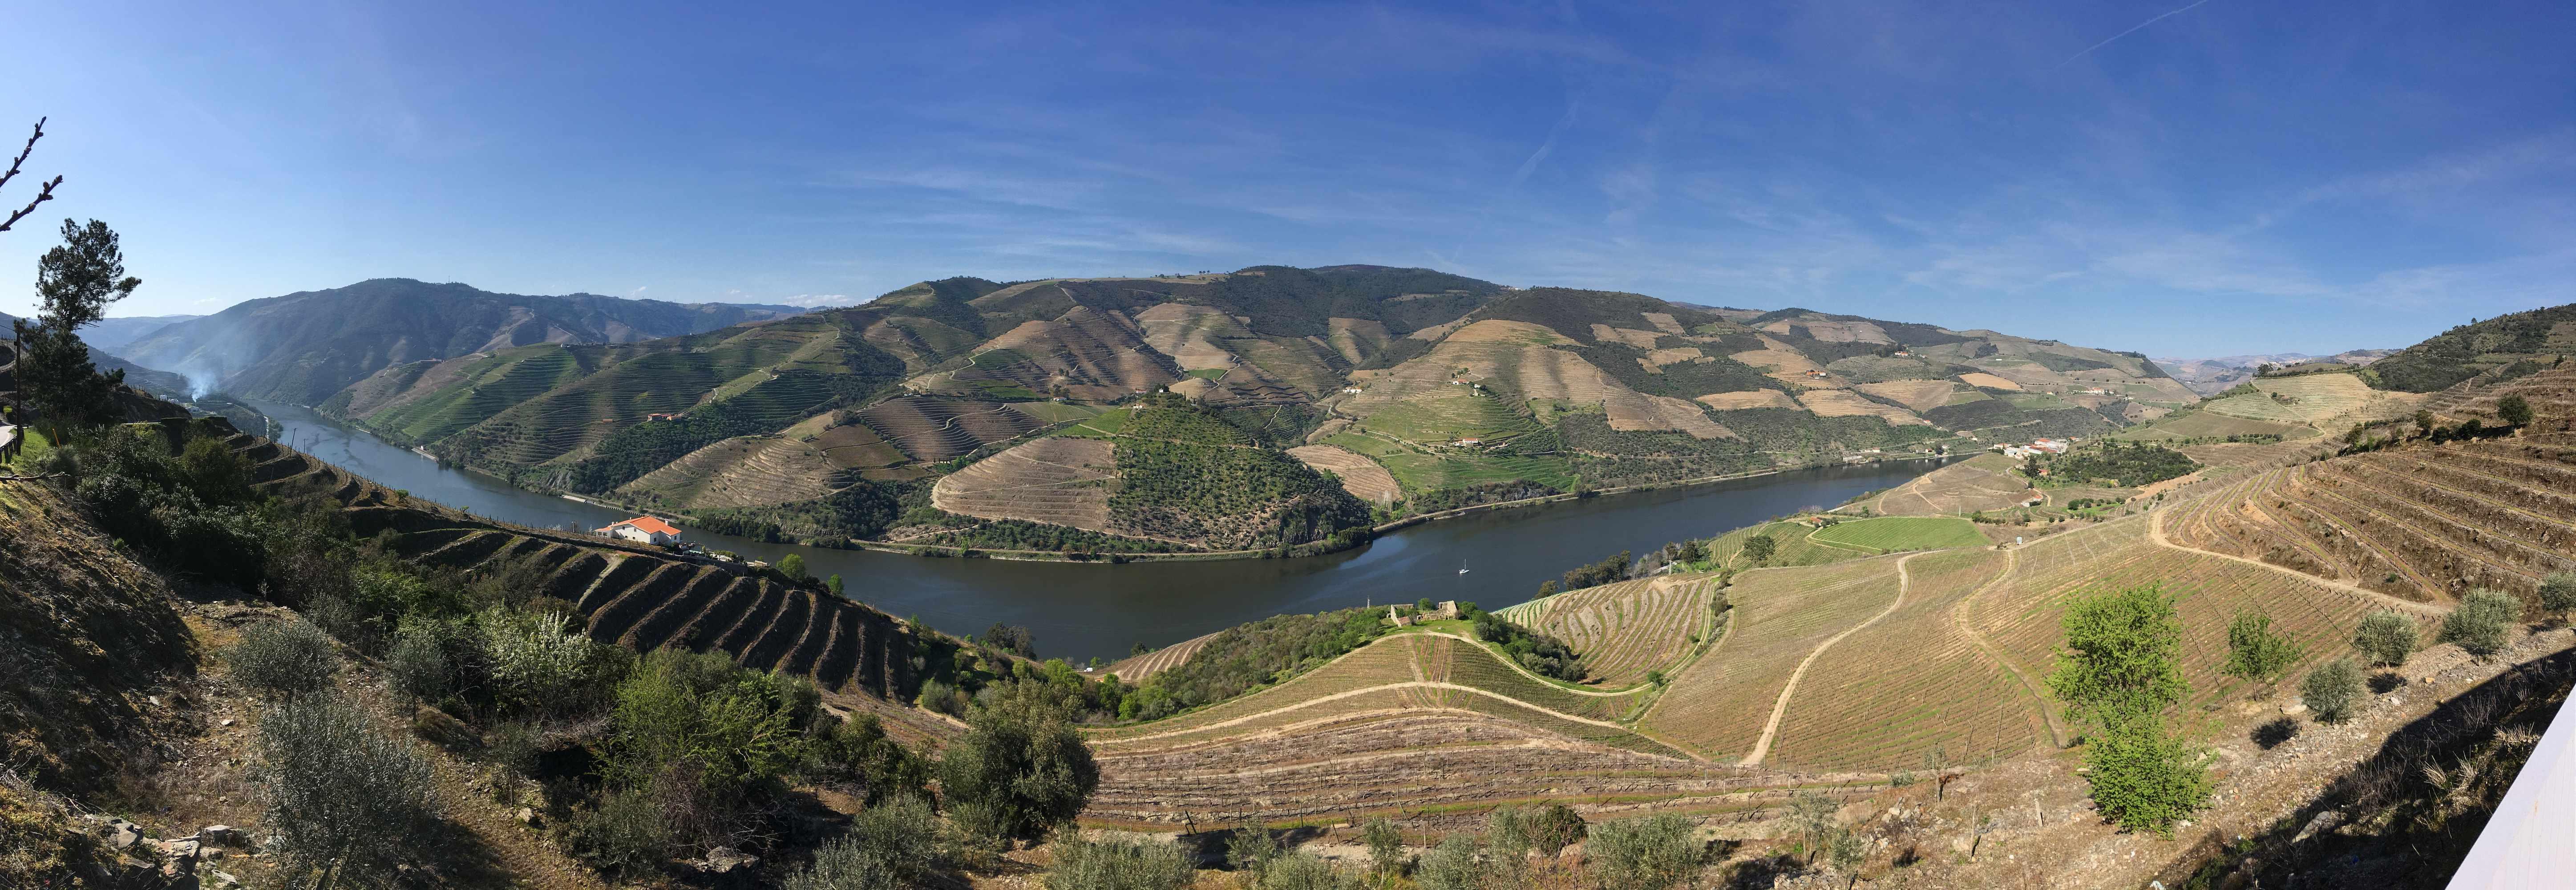 Best of Douro - Douro Panorama